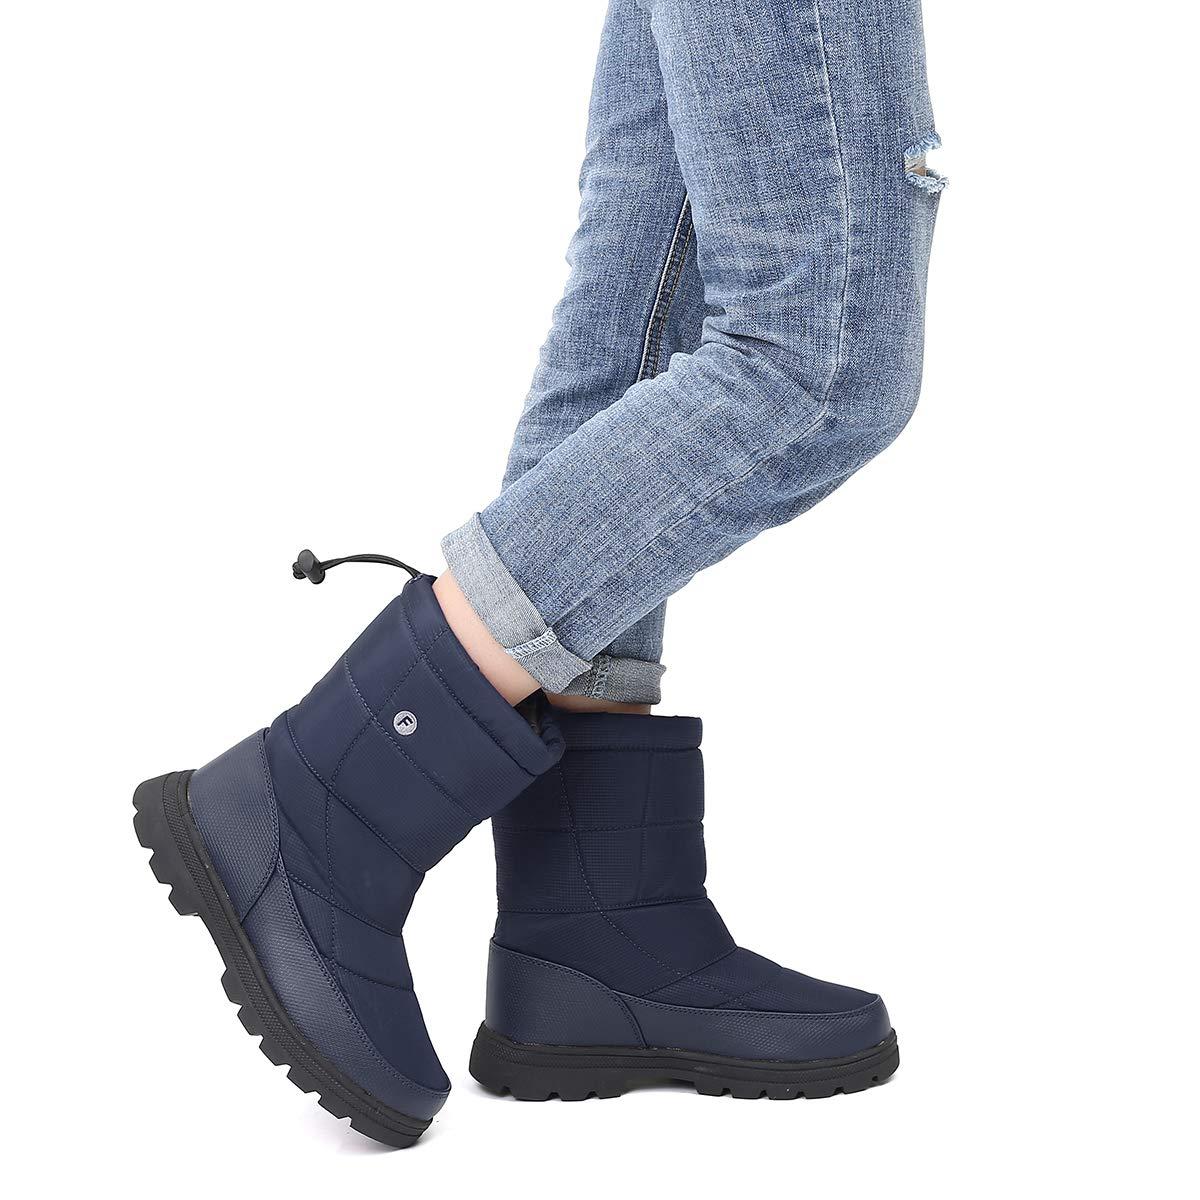 Gracosy Bottines de Neige Hommes Femmes, Bottes Hiver Après Ski Plates avec  Fourrure Chaude en Tissu Imperméable Chaussures Intérieur Fourrée  Confortable ... 382b80e47809